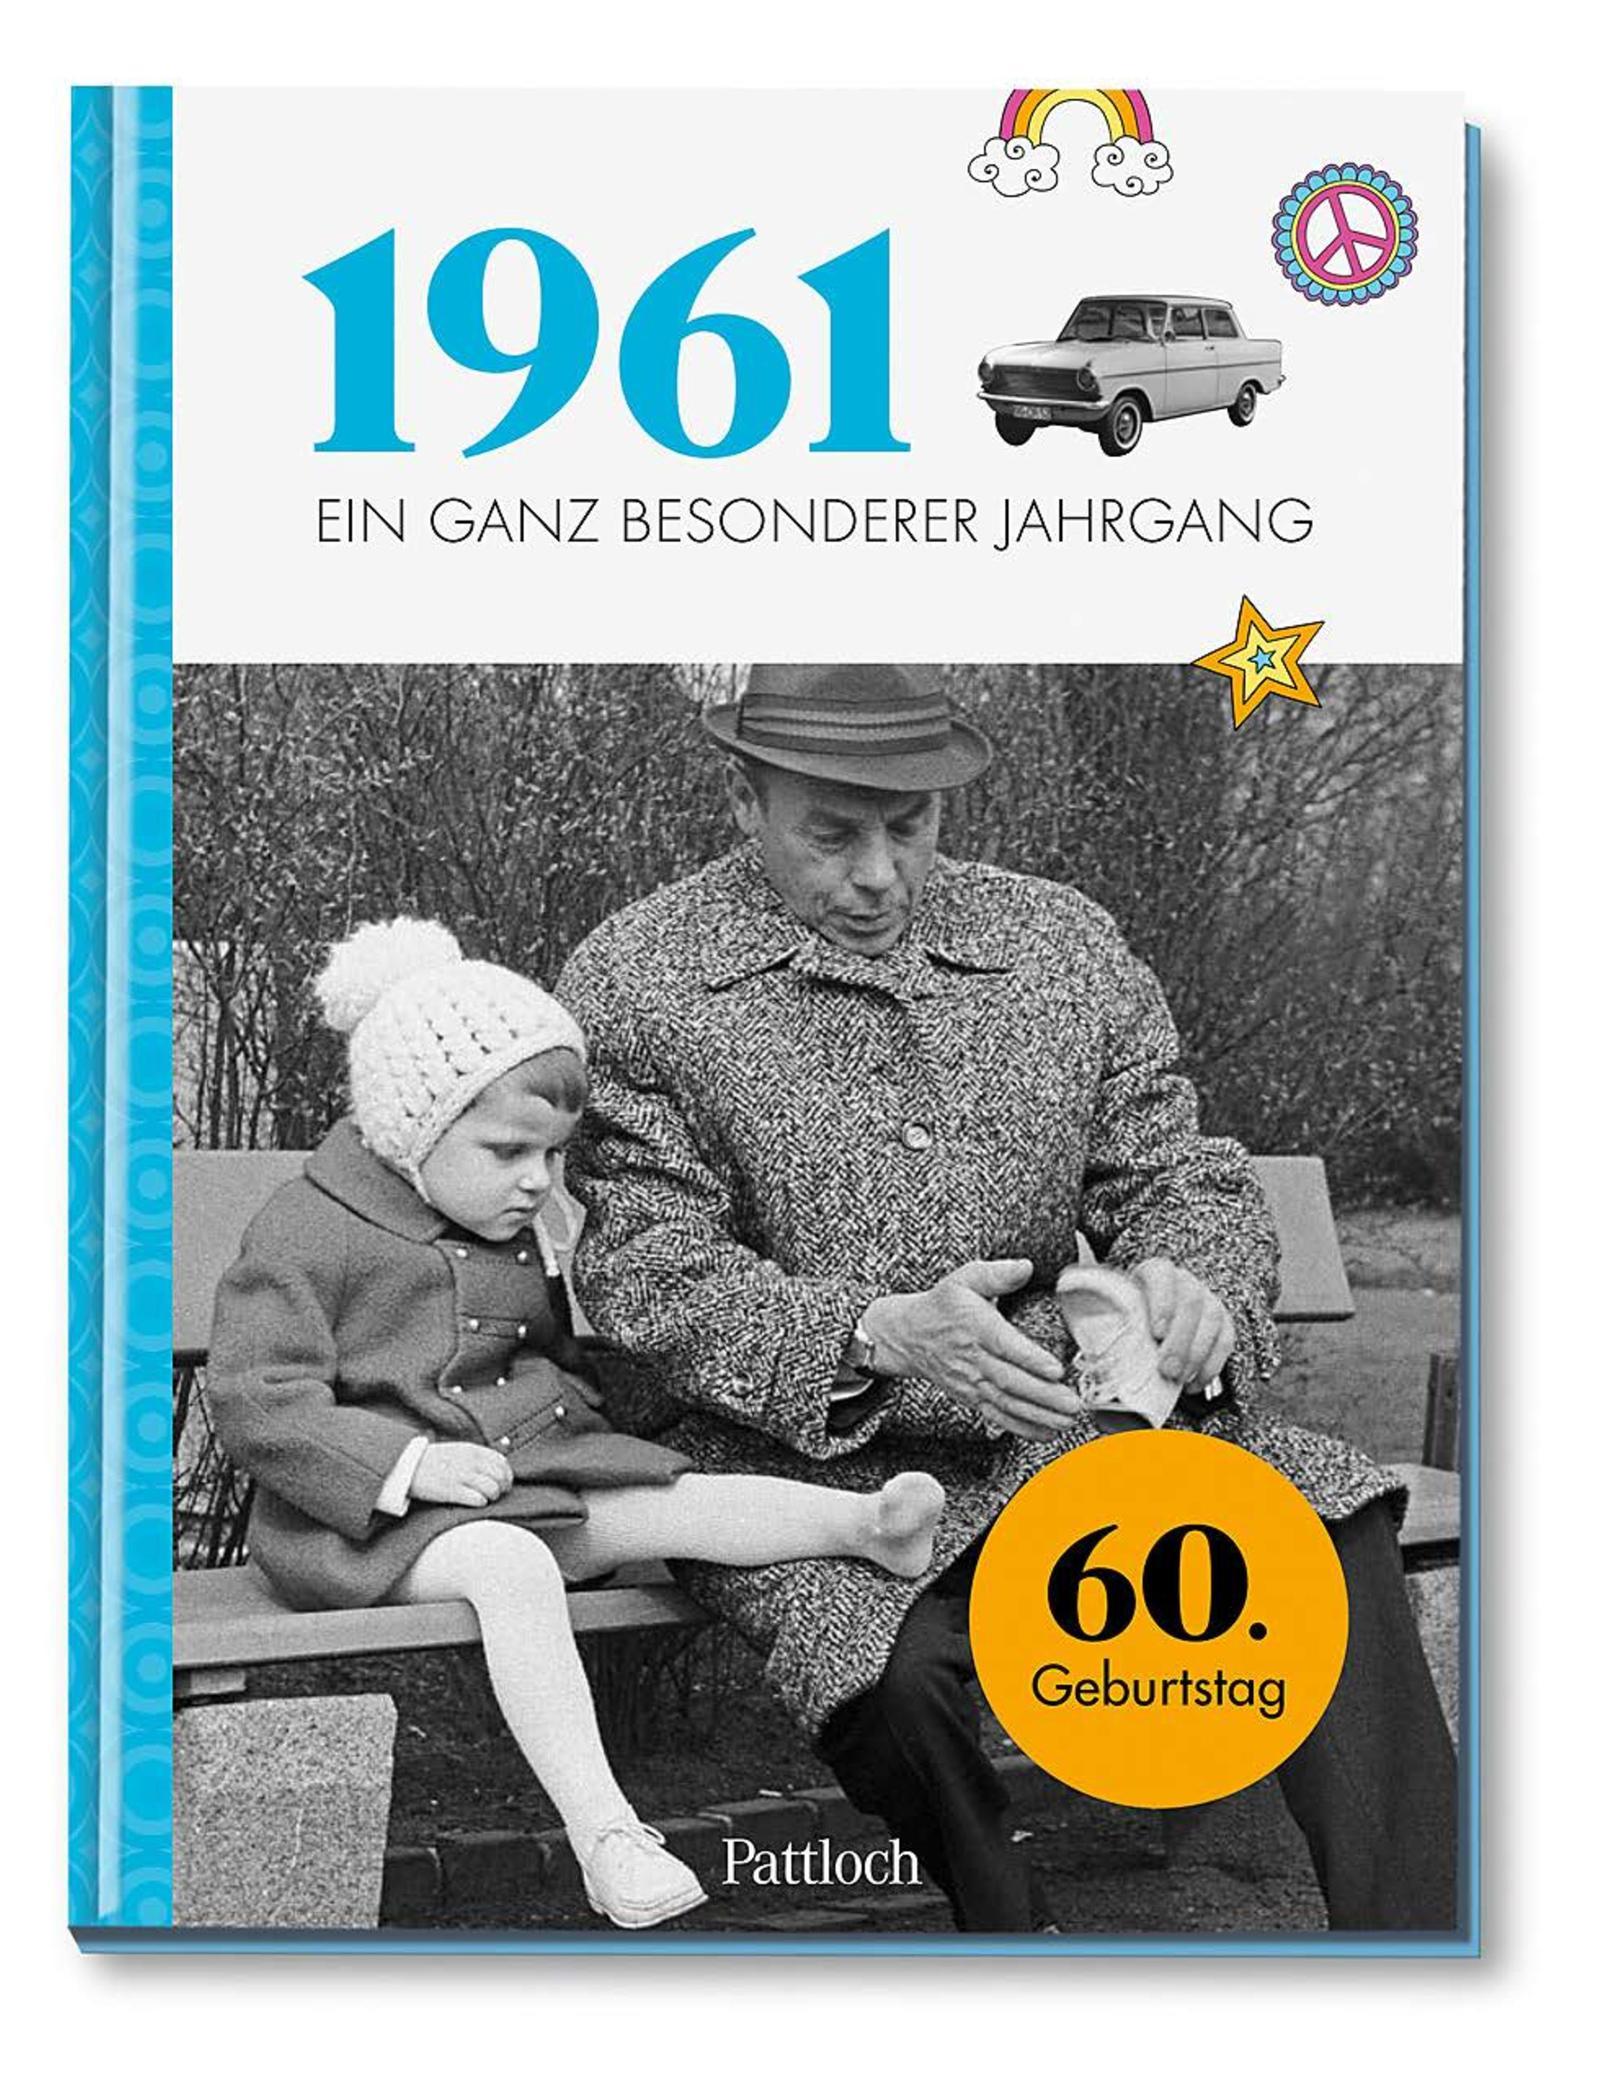 1961 - Ein ganz besonderer Jahrgang